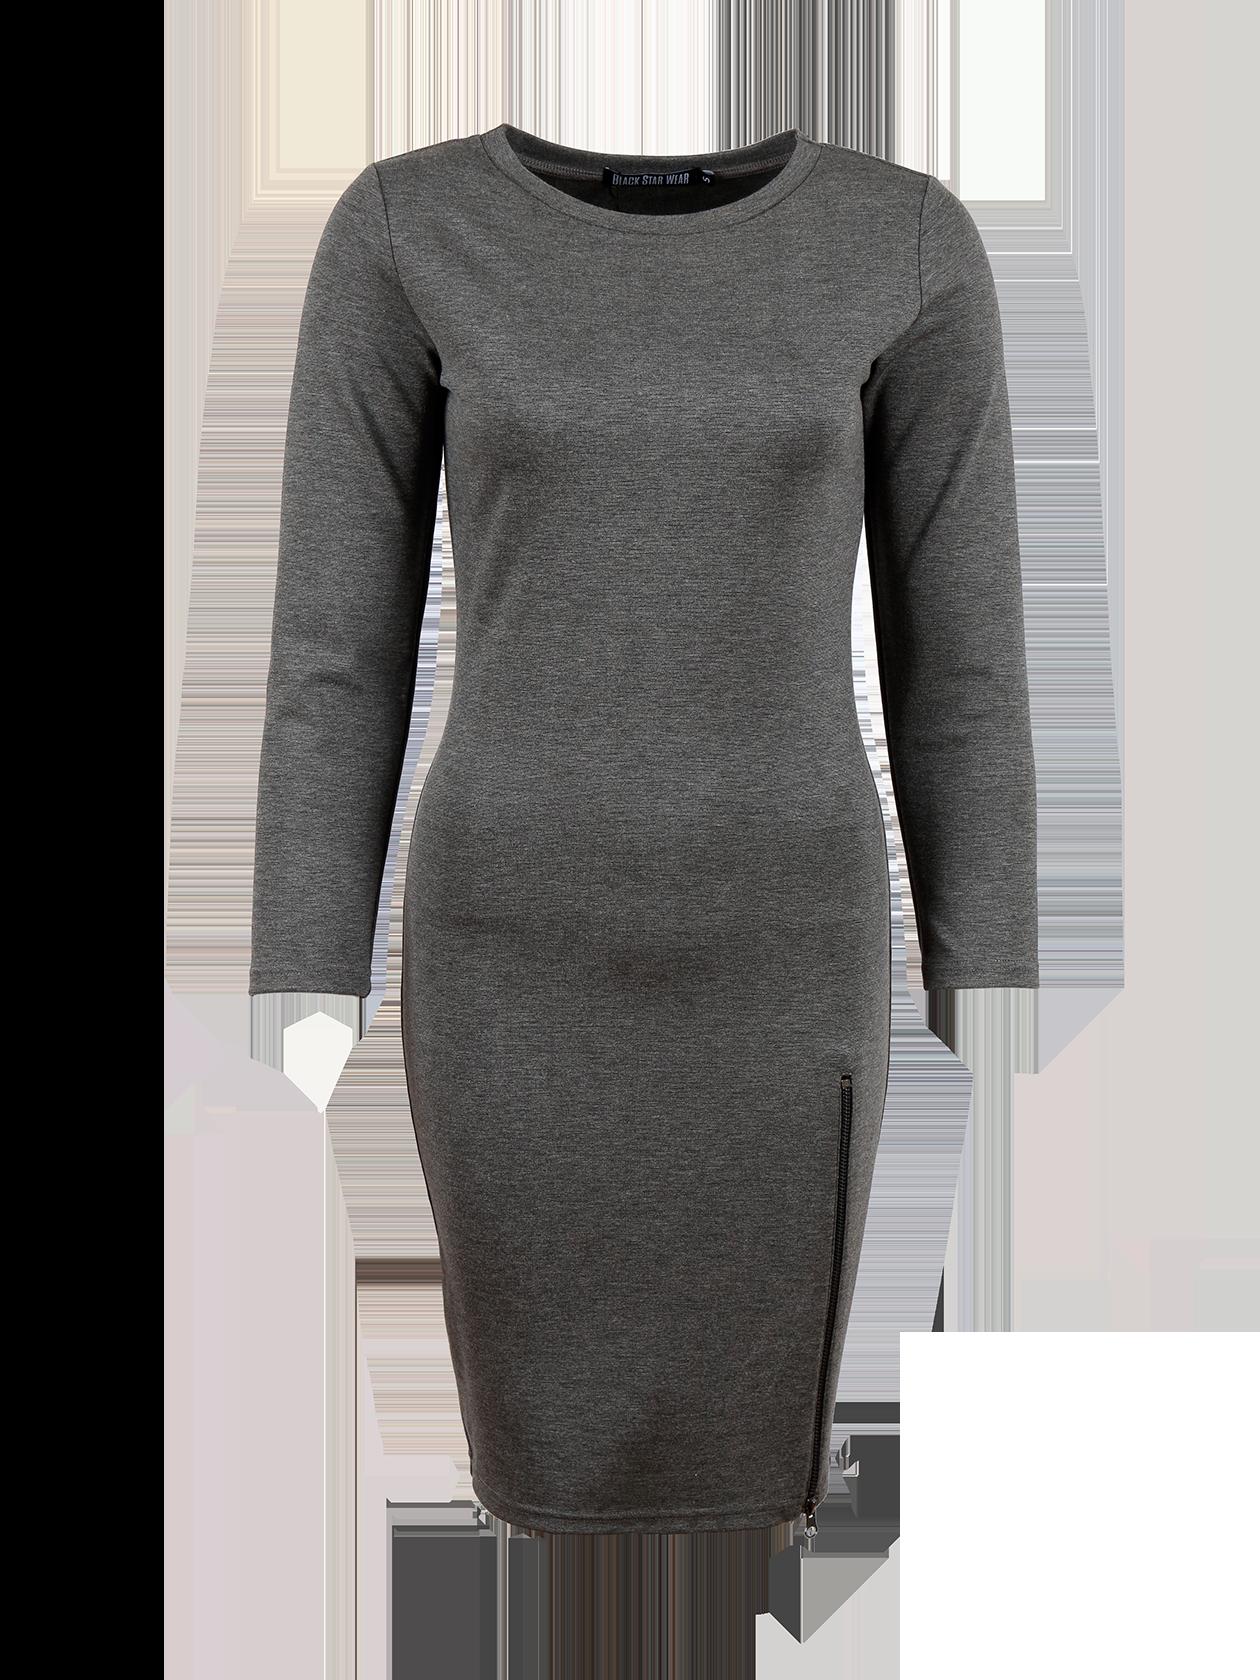 Womens dress SKINNY ZIP 13Платье женское Skinny Zip 13 создано для тех, кто привык себя считать иконой стиля даже при походе в магазин. Если вы находитесь в поисках своего идеального и неповторимого образа, то это именно то, что нужно. Вдохновляющее, пленительное, в меру сексуальное и одновременно комфортное. Пожалуй, лучшего варианта для уверенной в себе и привлекательной девушки не существует. Боковая молния до линии бедер подчеркнет яркость своей хозяйки. Выберите для себя лучшее цветовое решение – черное или серое.<br><br>size: L<br>color: Dark grey<br>gender: female